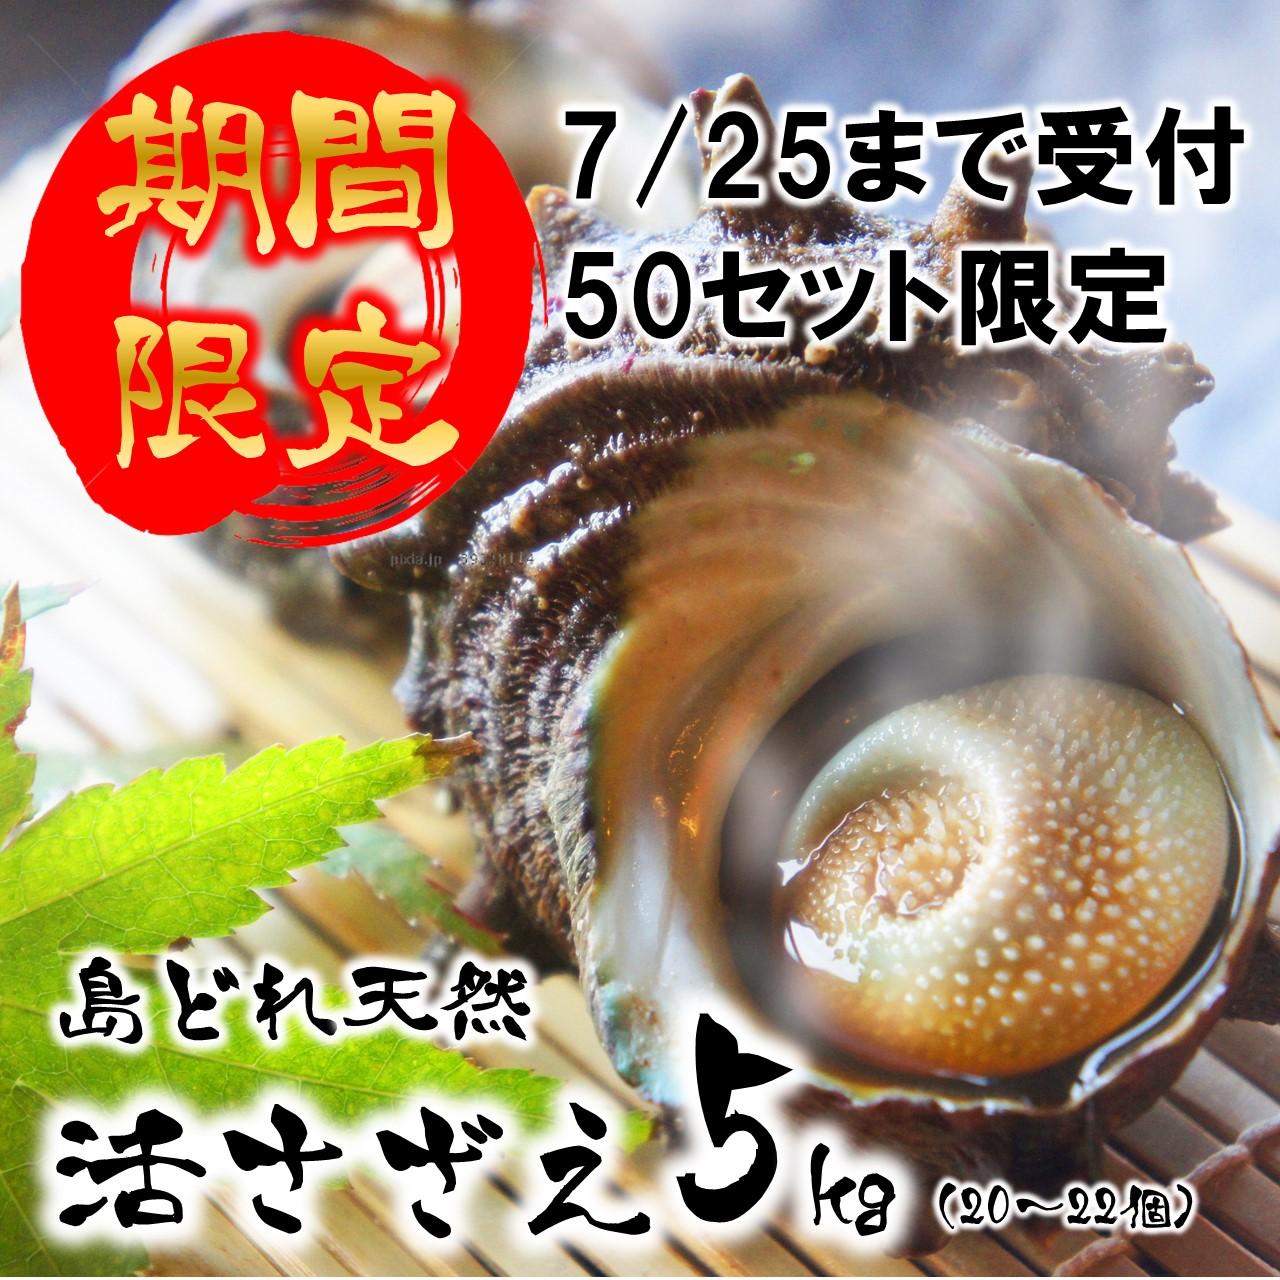 島根県海士町 【ふるさと納税】期間限定 数量限定 活さざえ 5kg 先行発送 7月中に届く